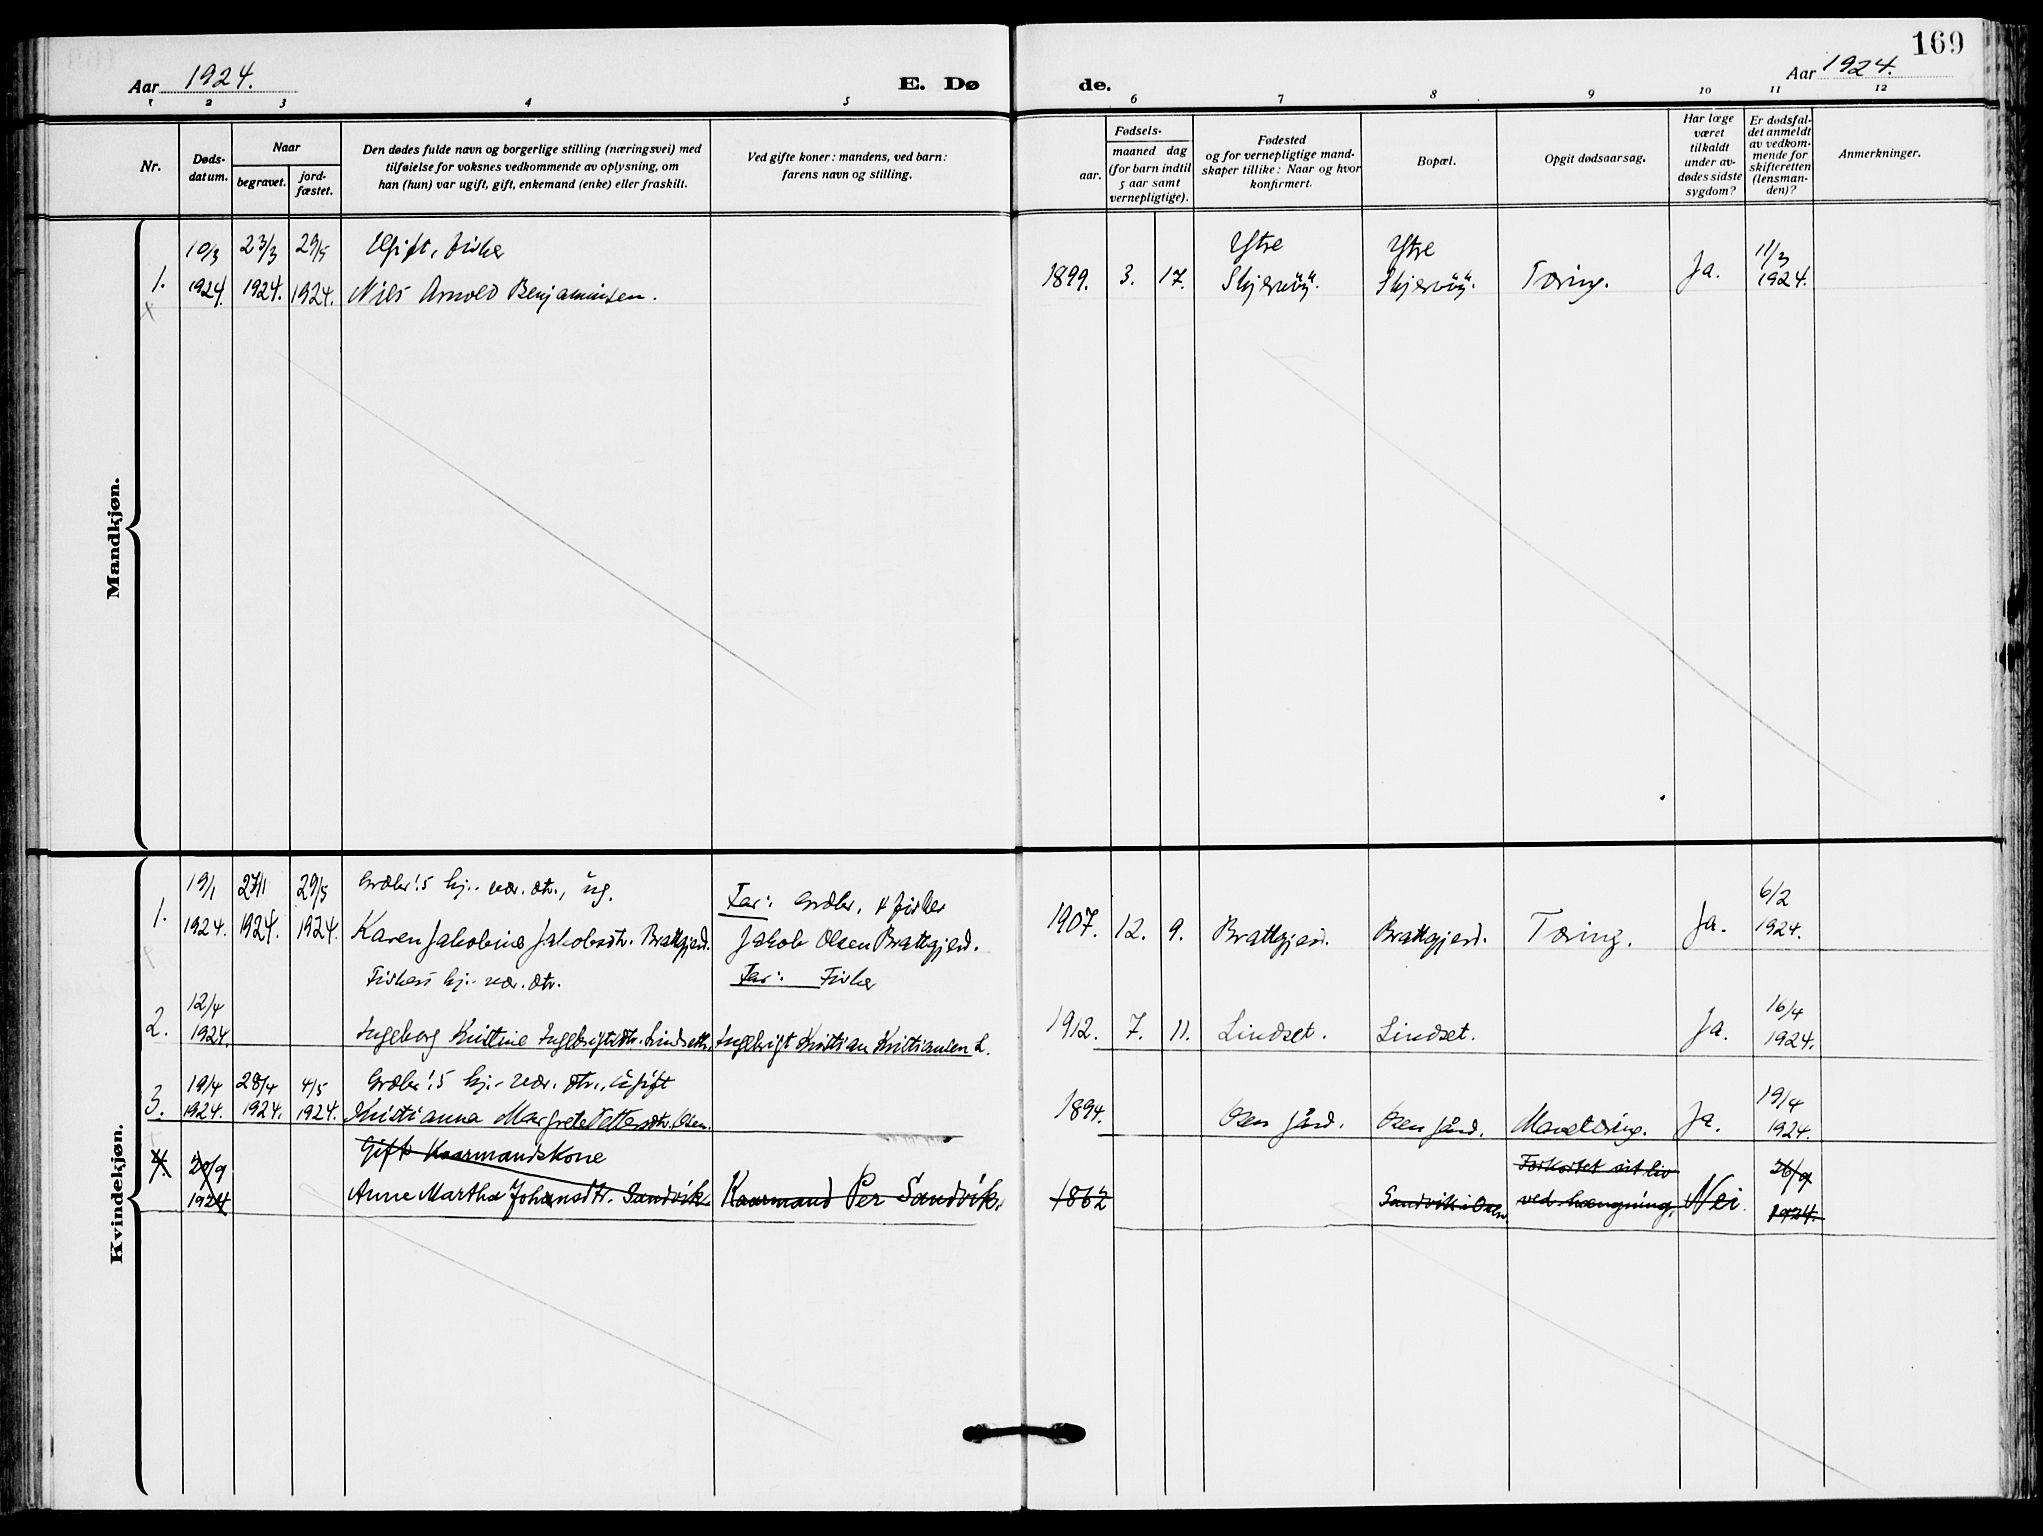 SAT, Ministerialprotokoller, klokkerbøker og fødselsregistre - Sør-Trøndelag, 658/L0724: Ministerialbok nr. 658A03, 1912-1924, s. 169